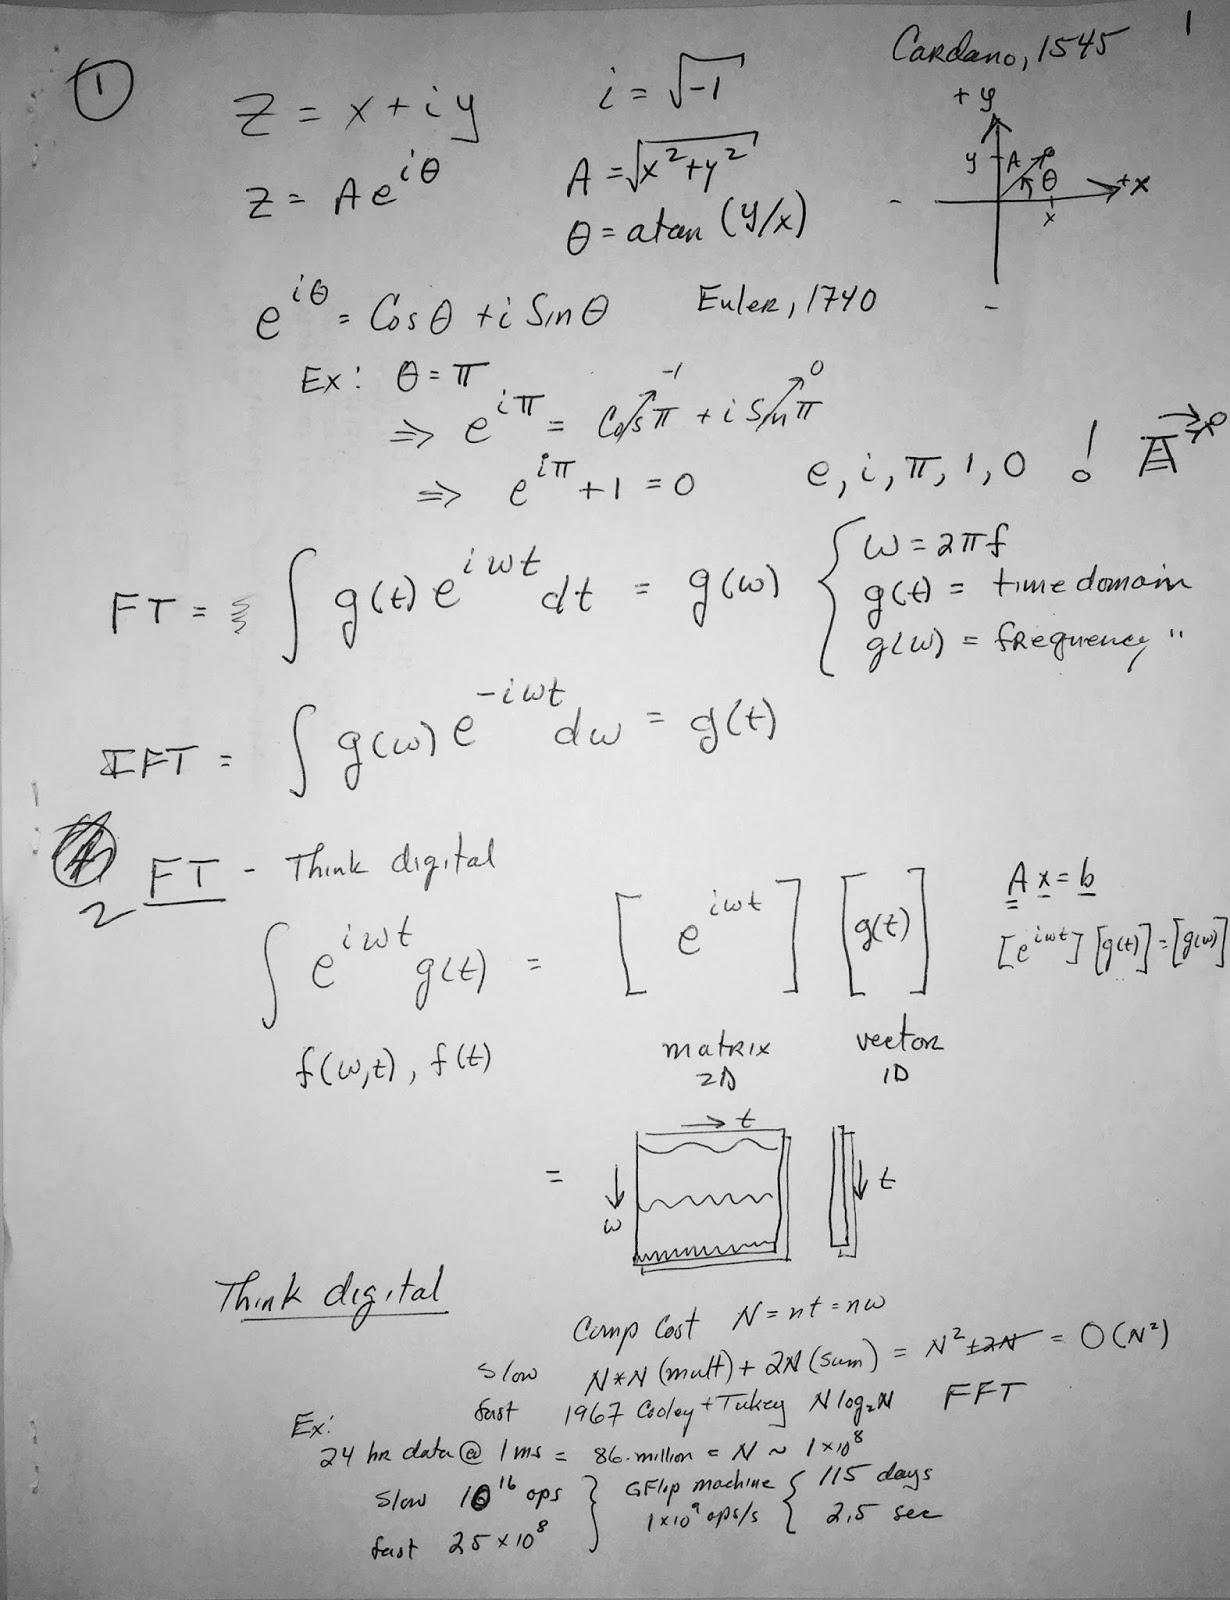 Seismos: Fourier Transform Talk and Python Code